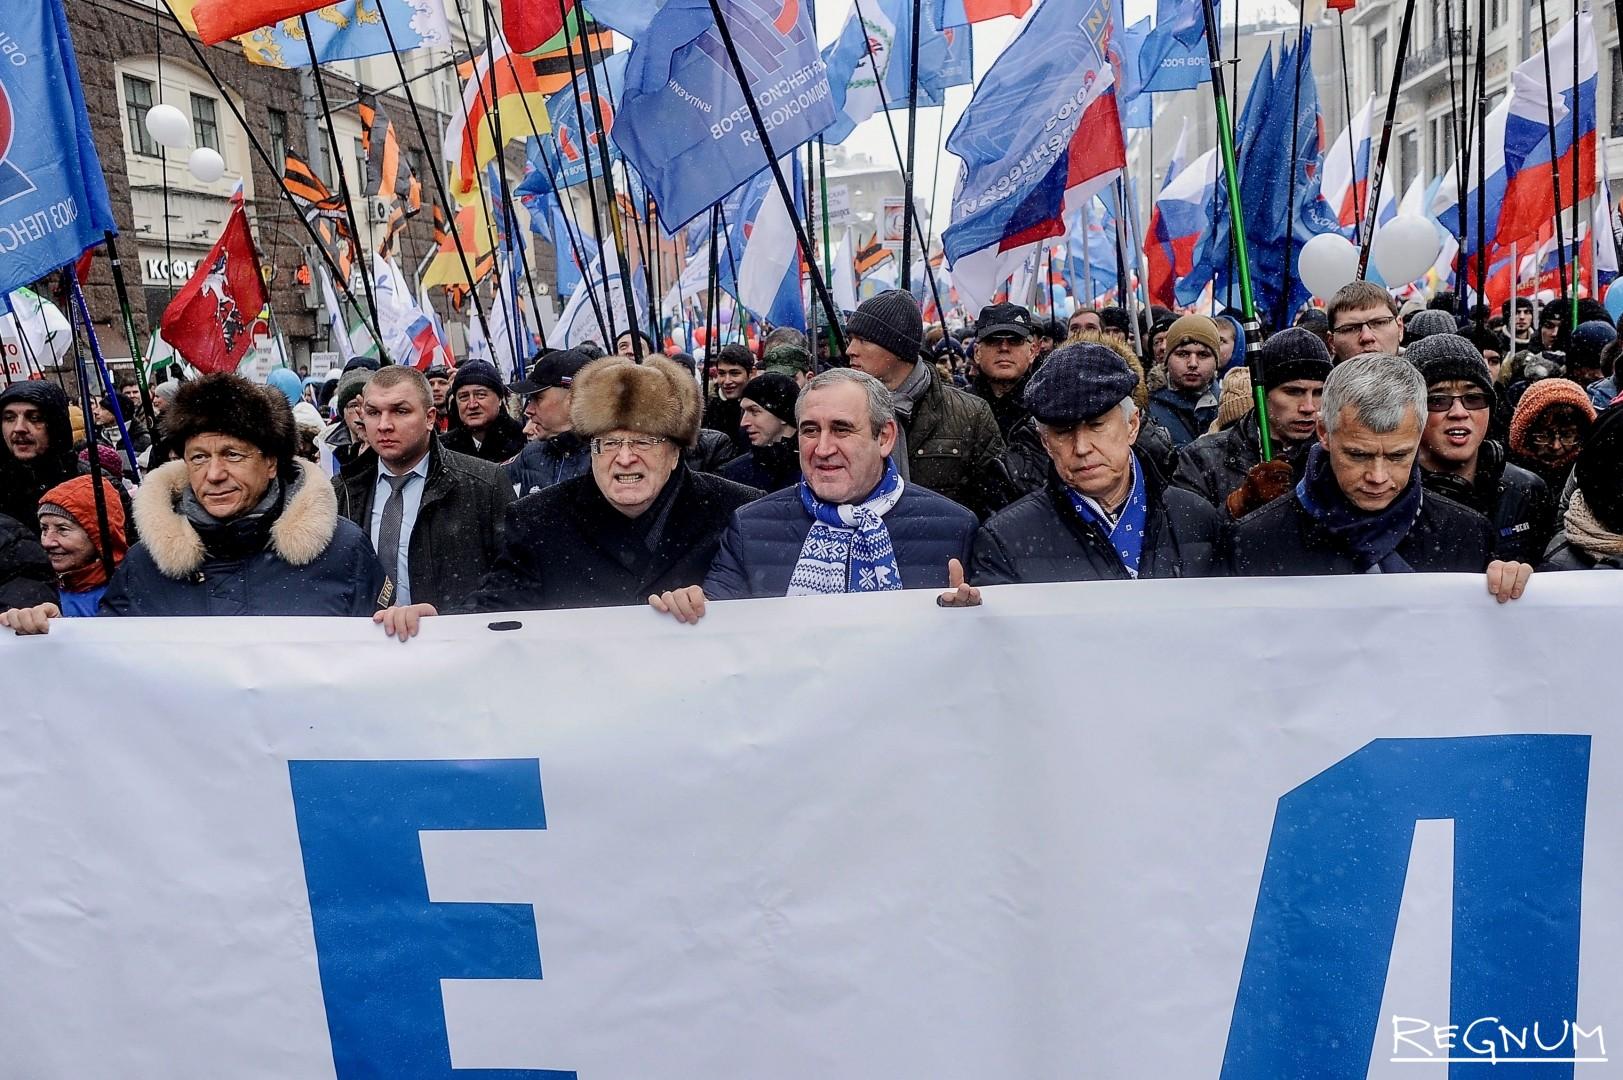 20161104_15-59-«Мы едины»: в Москве празднуют День народного единства — фоторепортаж